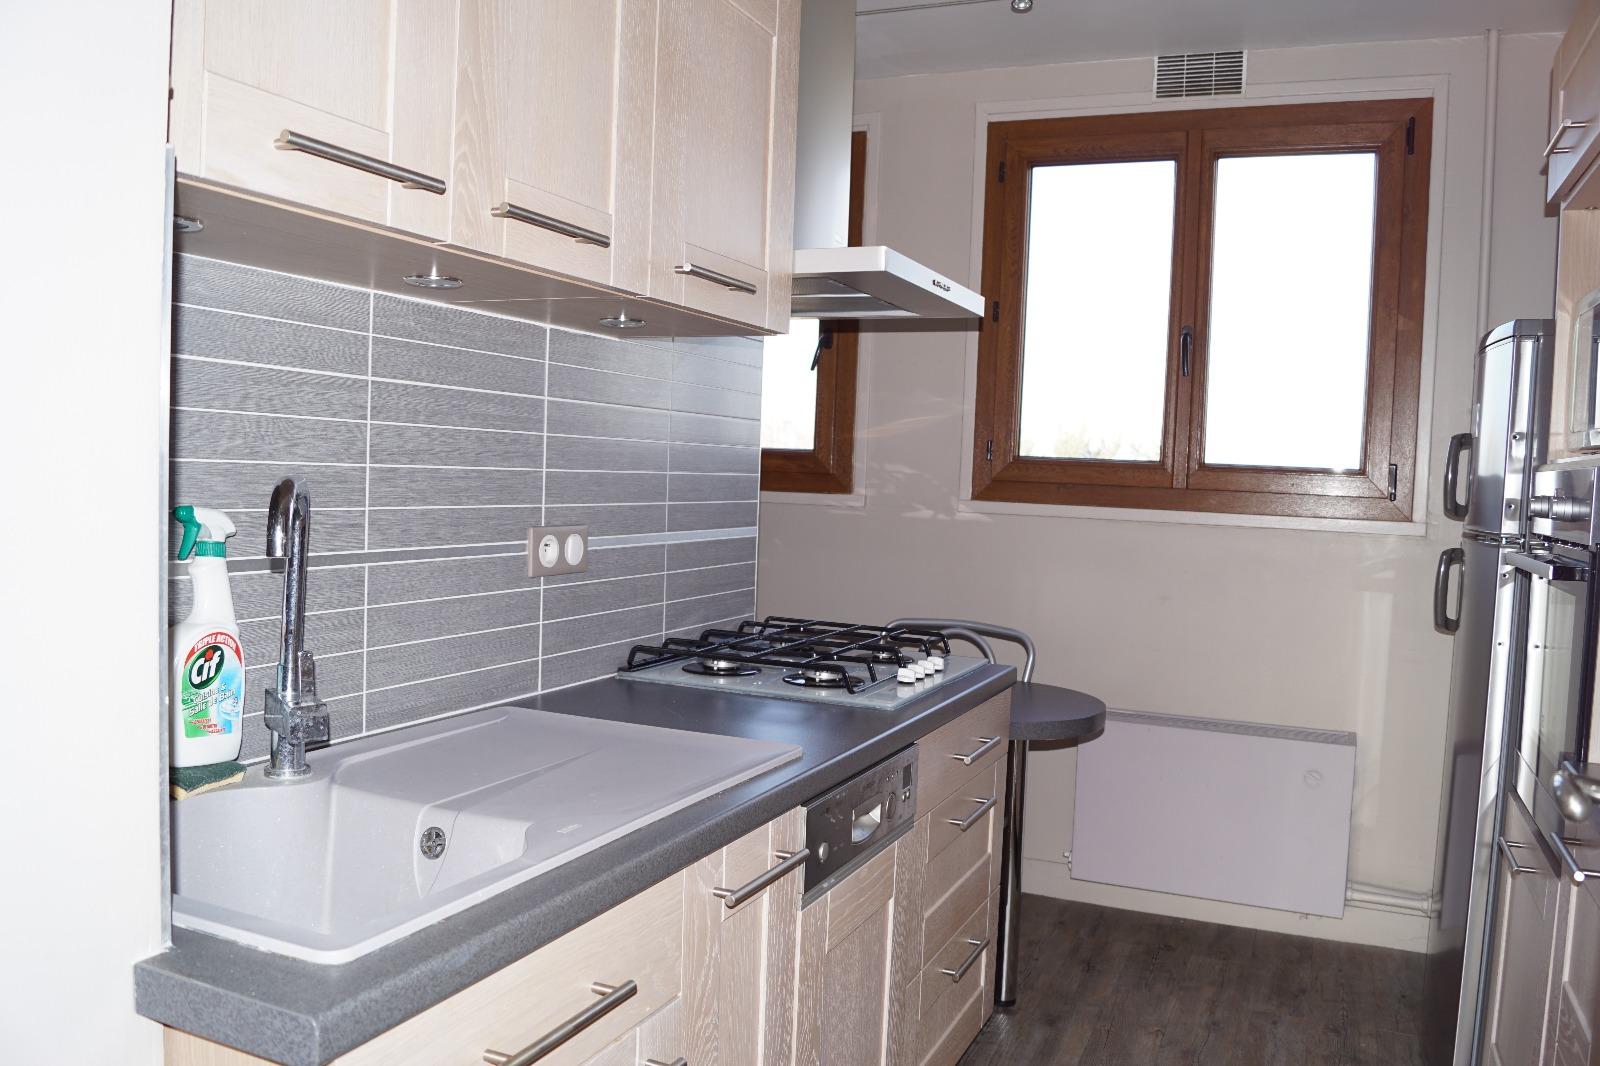 Aux portes de sens, appartement de 85 m² dans résidence sécurisée, 3 chambres, balcon, box/cave.